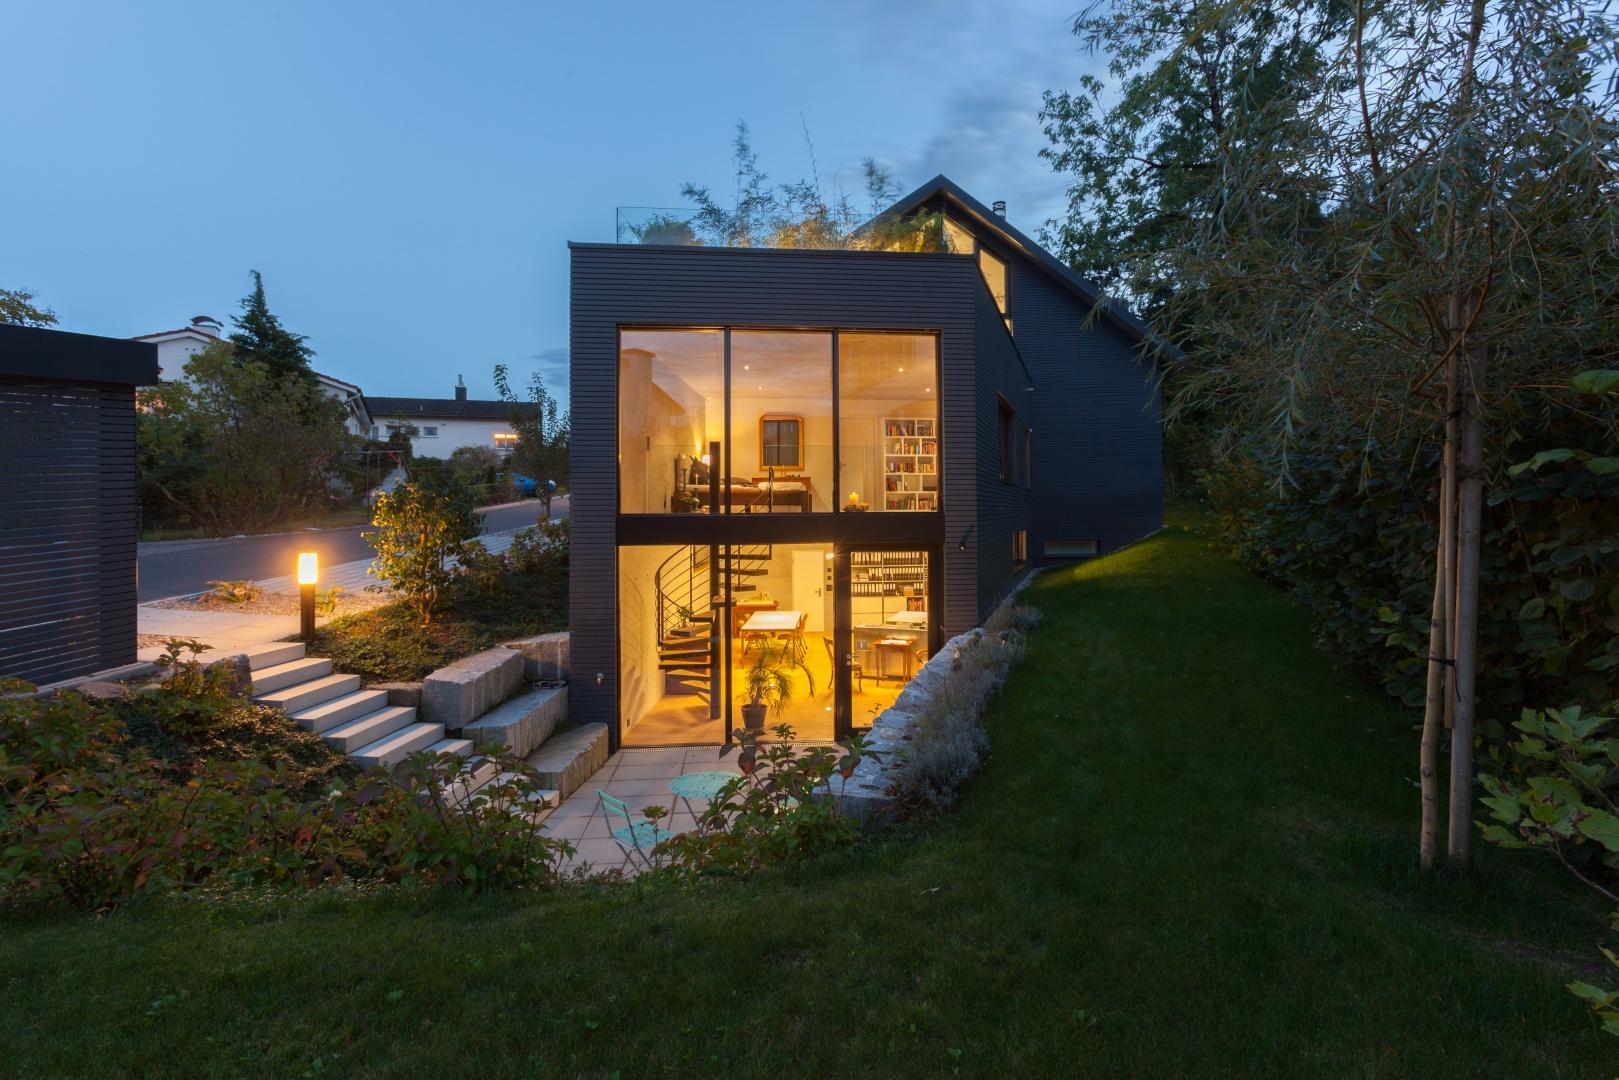 Ateliereingang © von Mann Architektur GmbH, Sonnenhofstrasse 2, 8132 Egg